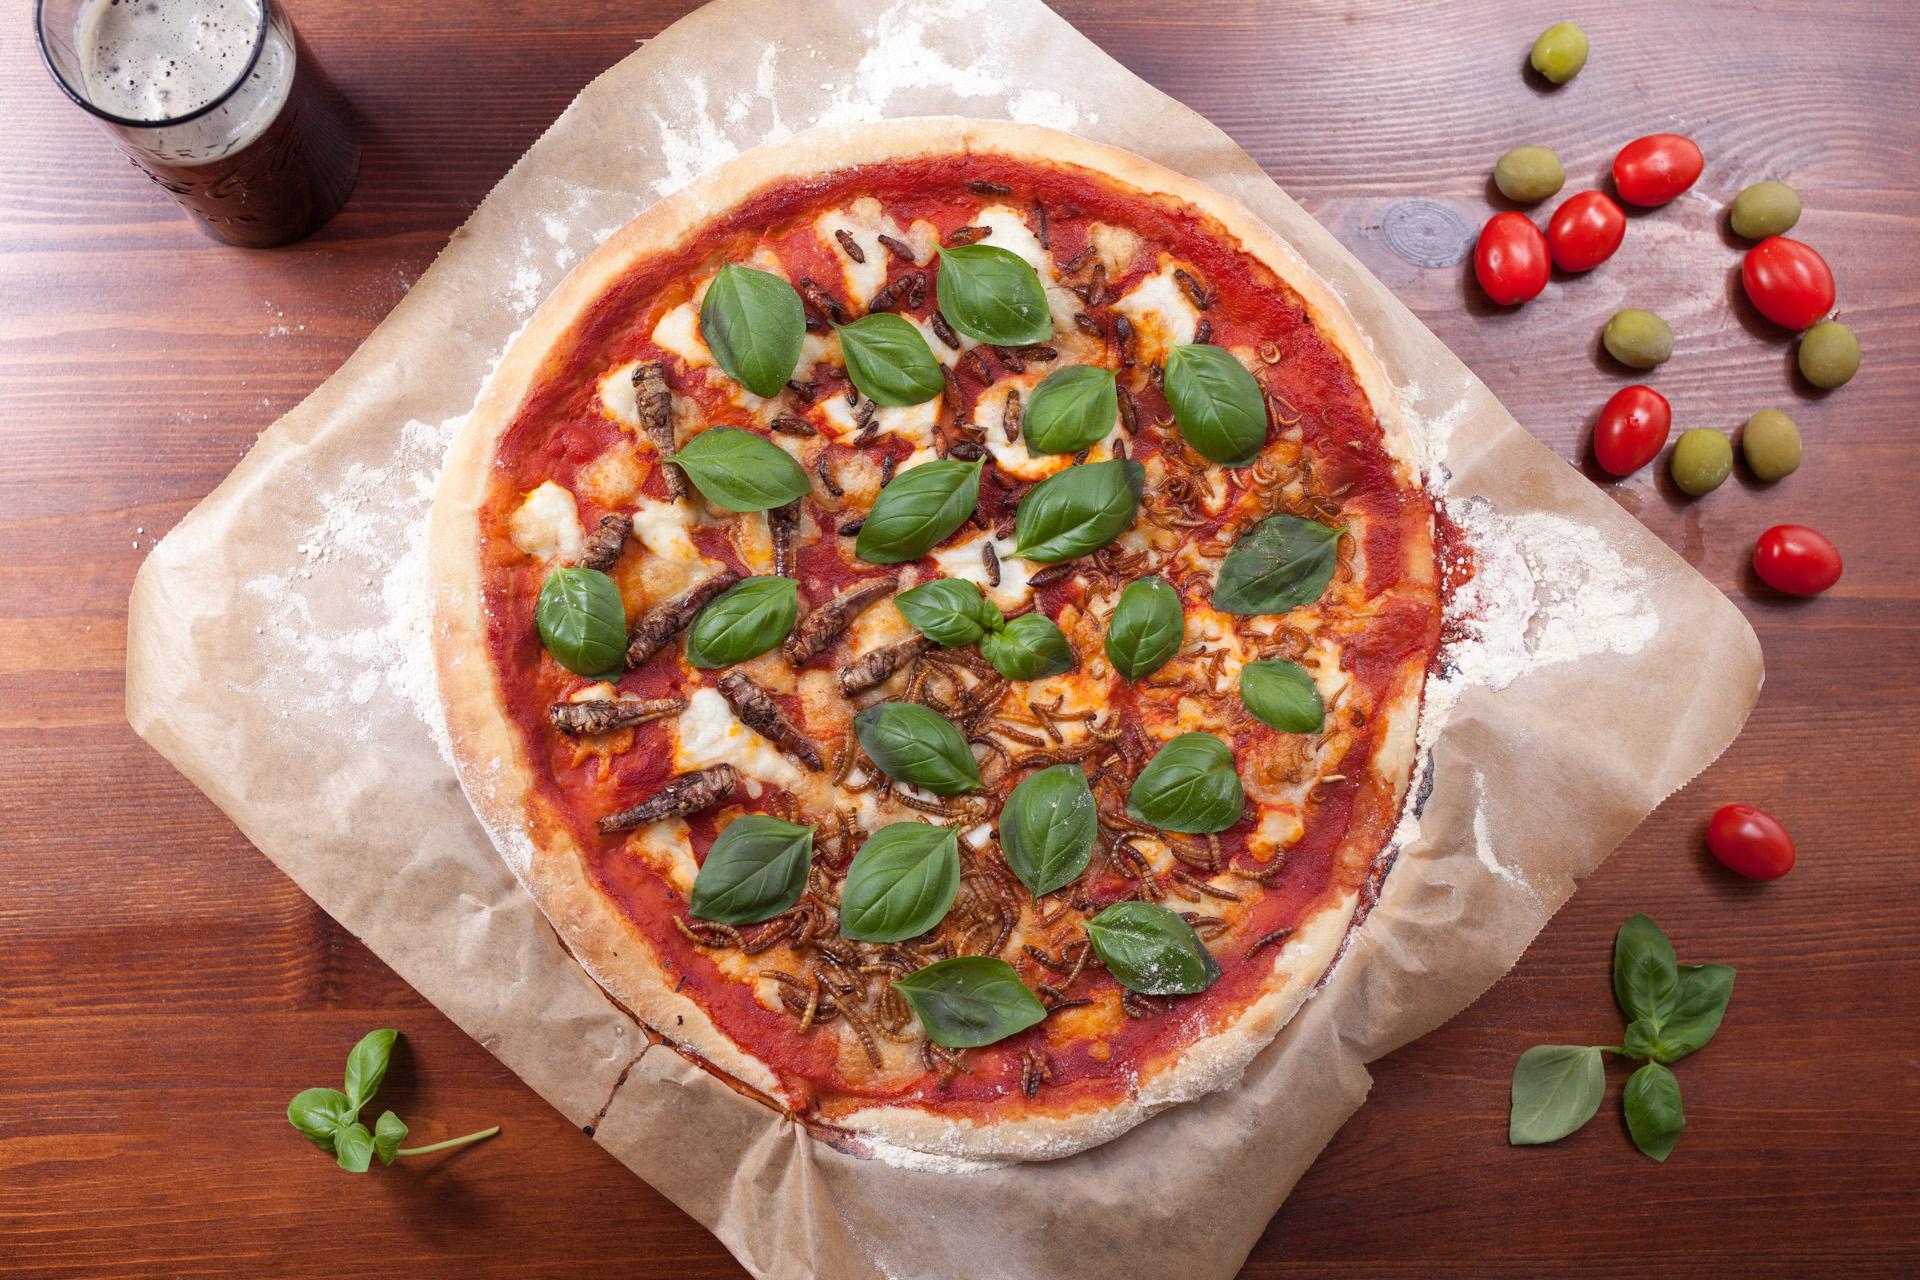 Pizza Ento mit Wanderheuschrecken, Hausgrillen, Buffalowürmern und Mehlwürmern.